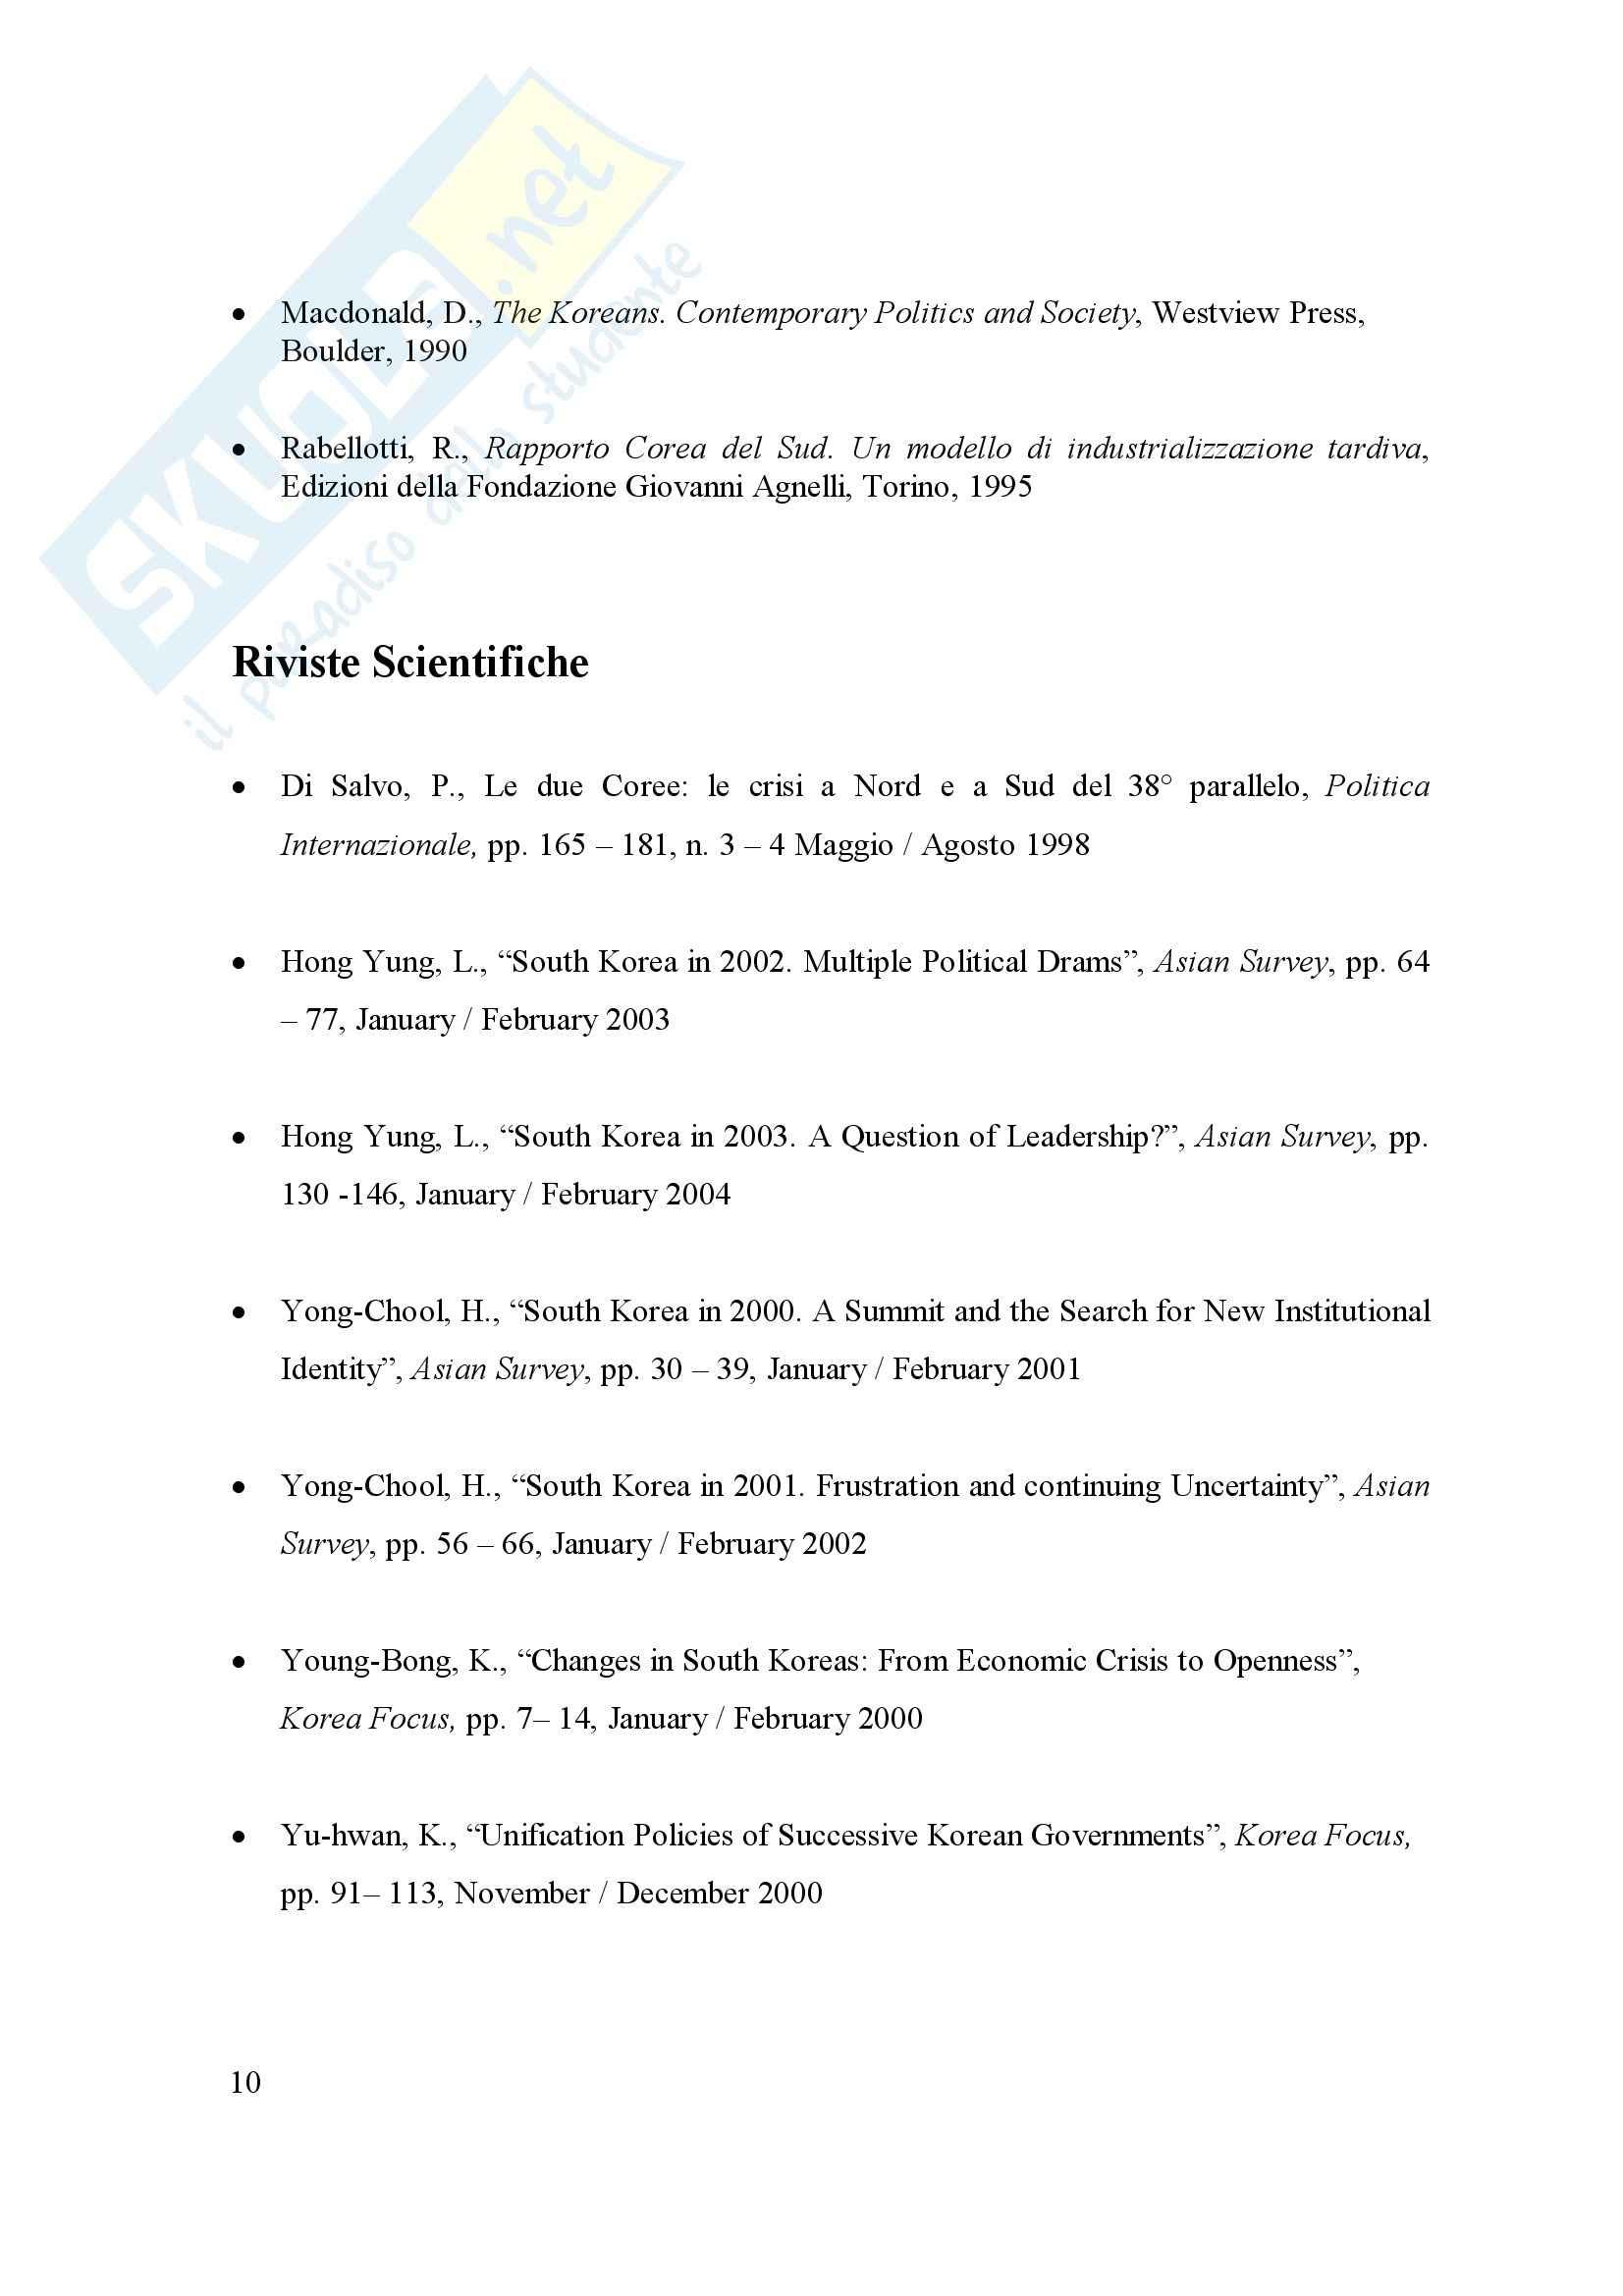 Relazioni internazionali - Corea del Sud Pag. 11